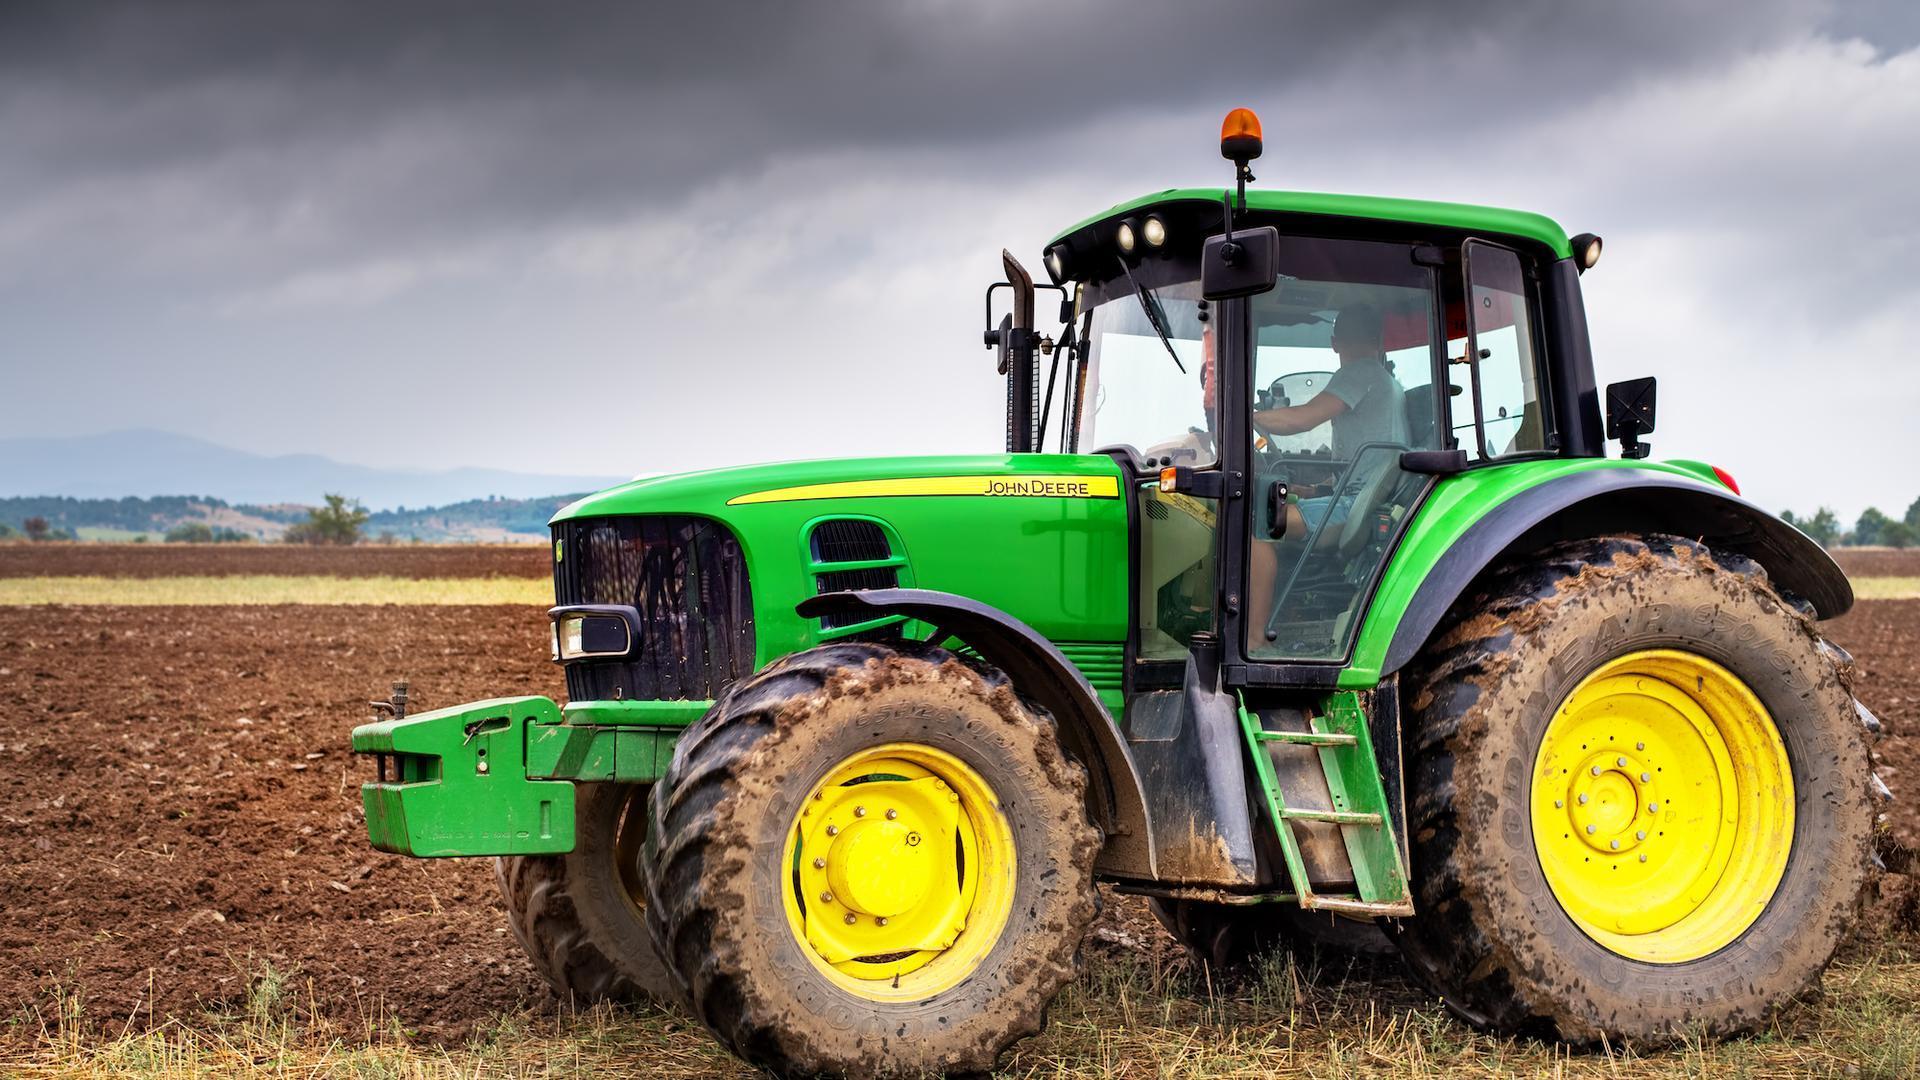 Американские фермеры взламывают и устанавливают украинскую прошивку на тракторы - 1